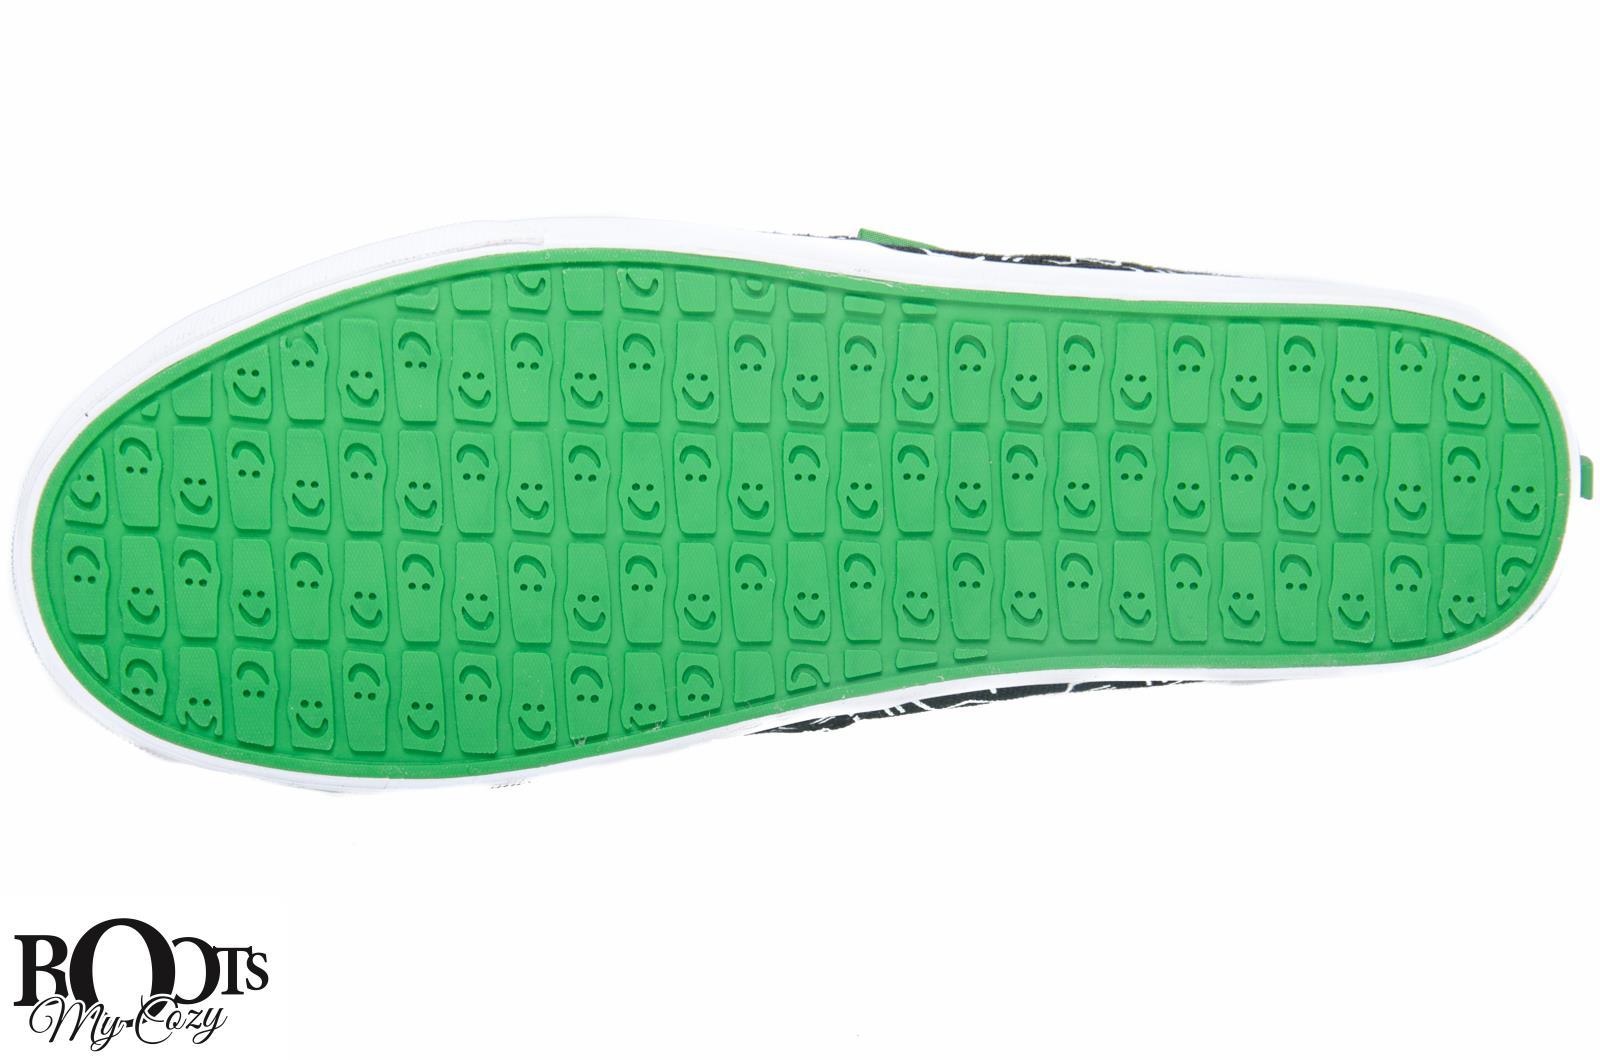 Skate shoes size 9 - Description